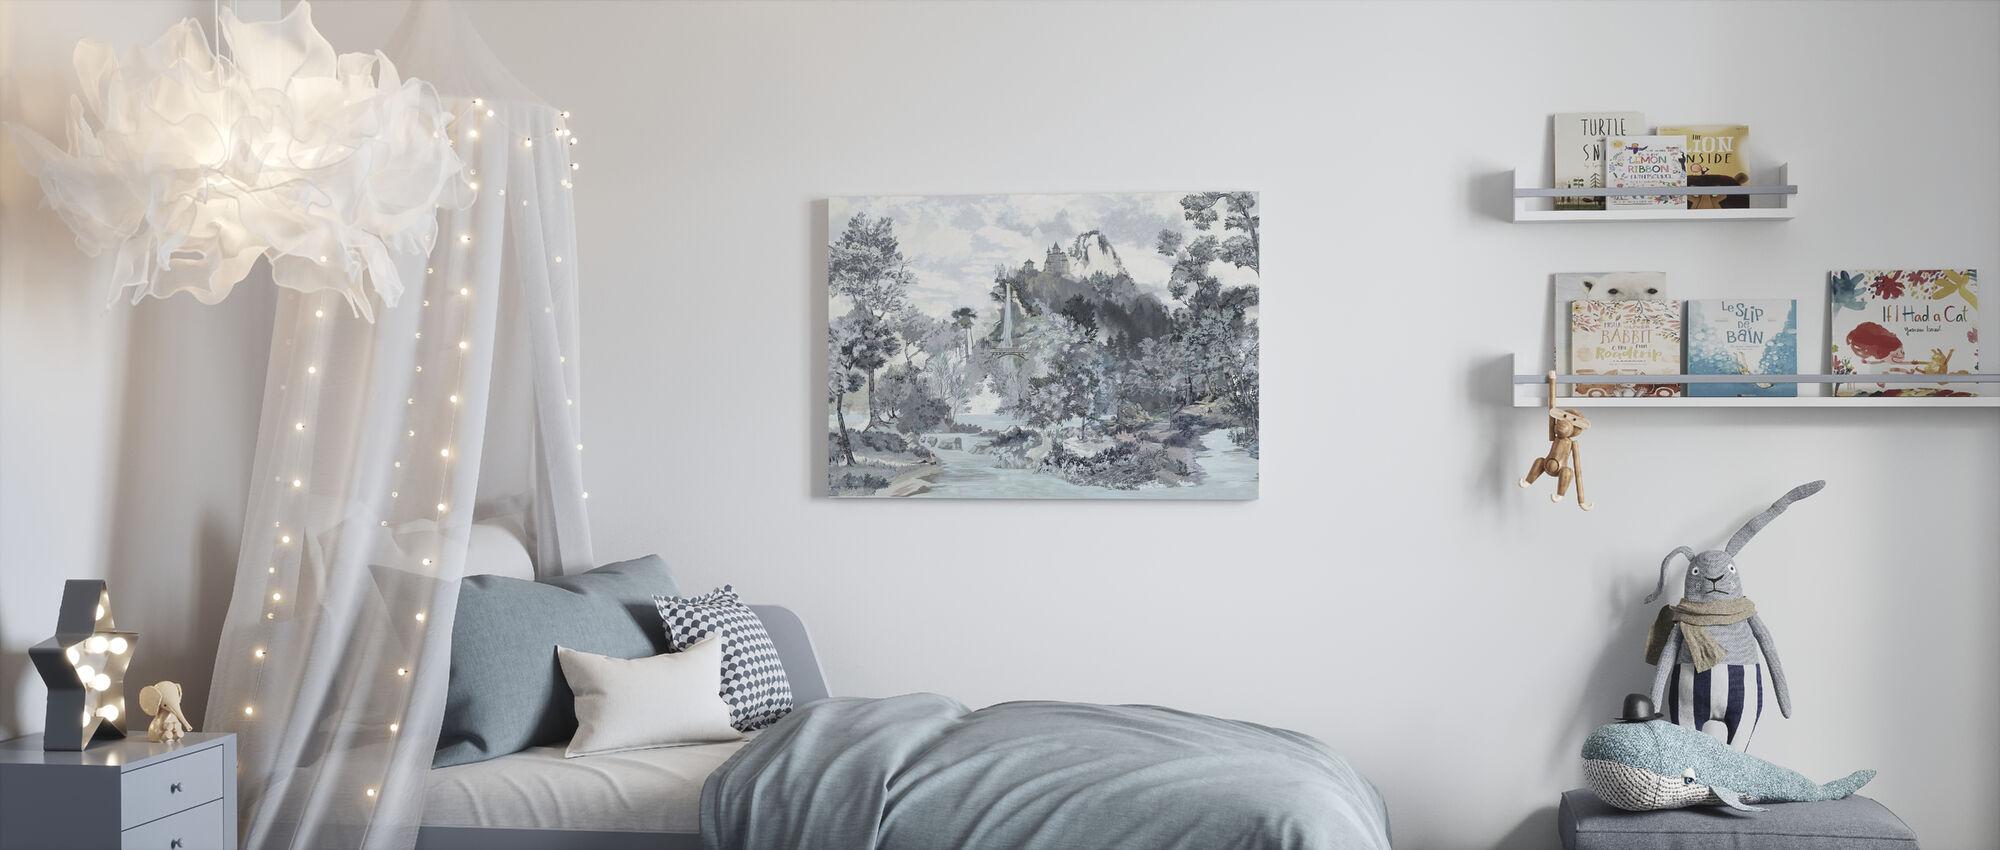 Fairytale Scenery II - Canvas print - Kids Room